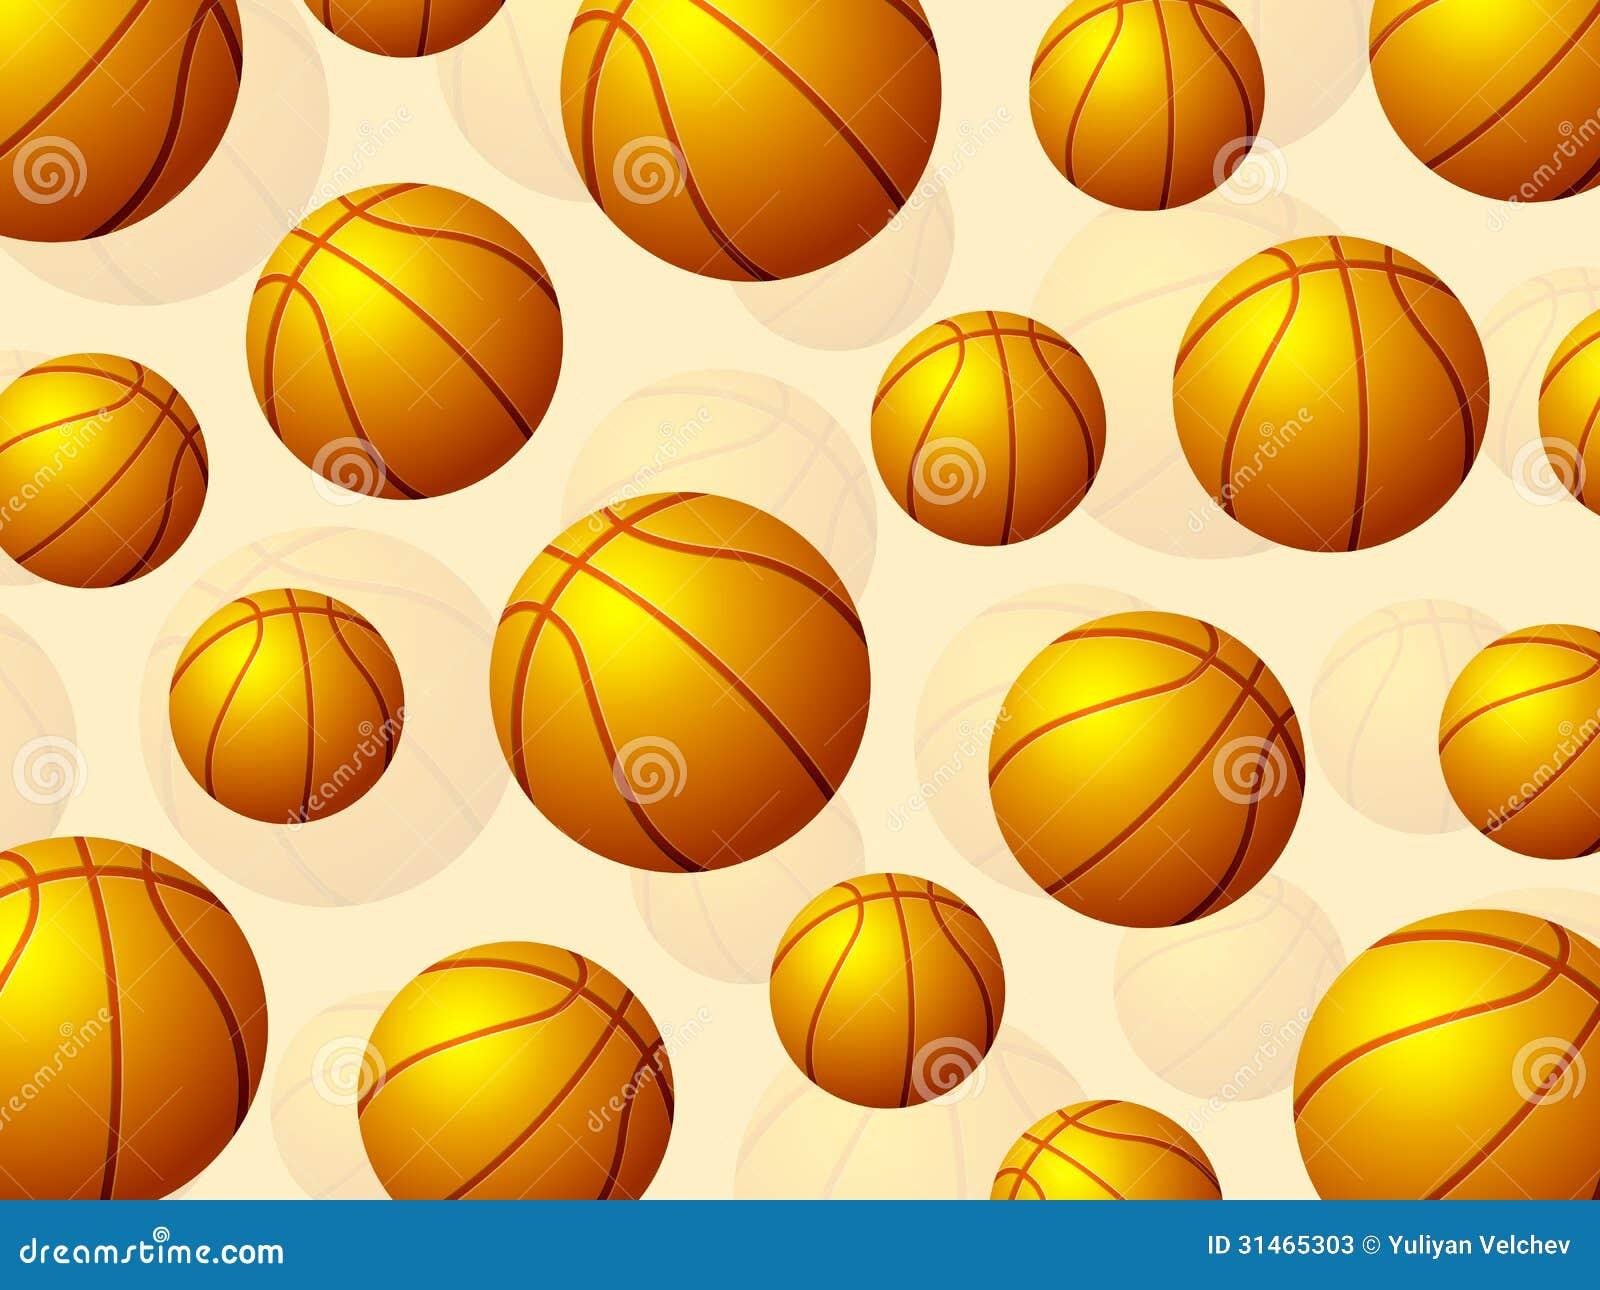 Balones De Fútbol Deportes Fondos De Pantalla Gratis: Basketball Balls Background Stock Vector